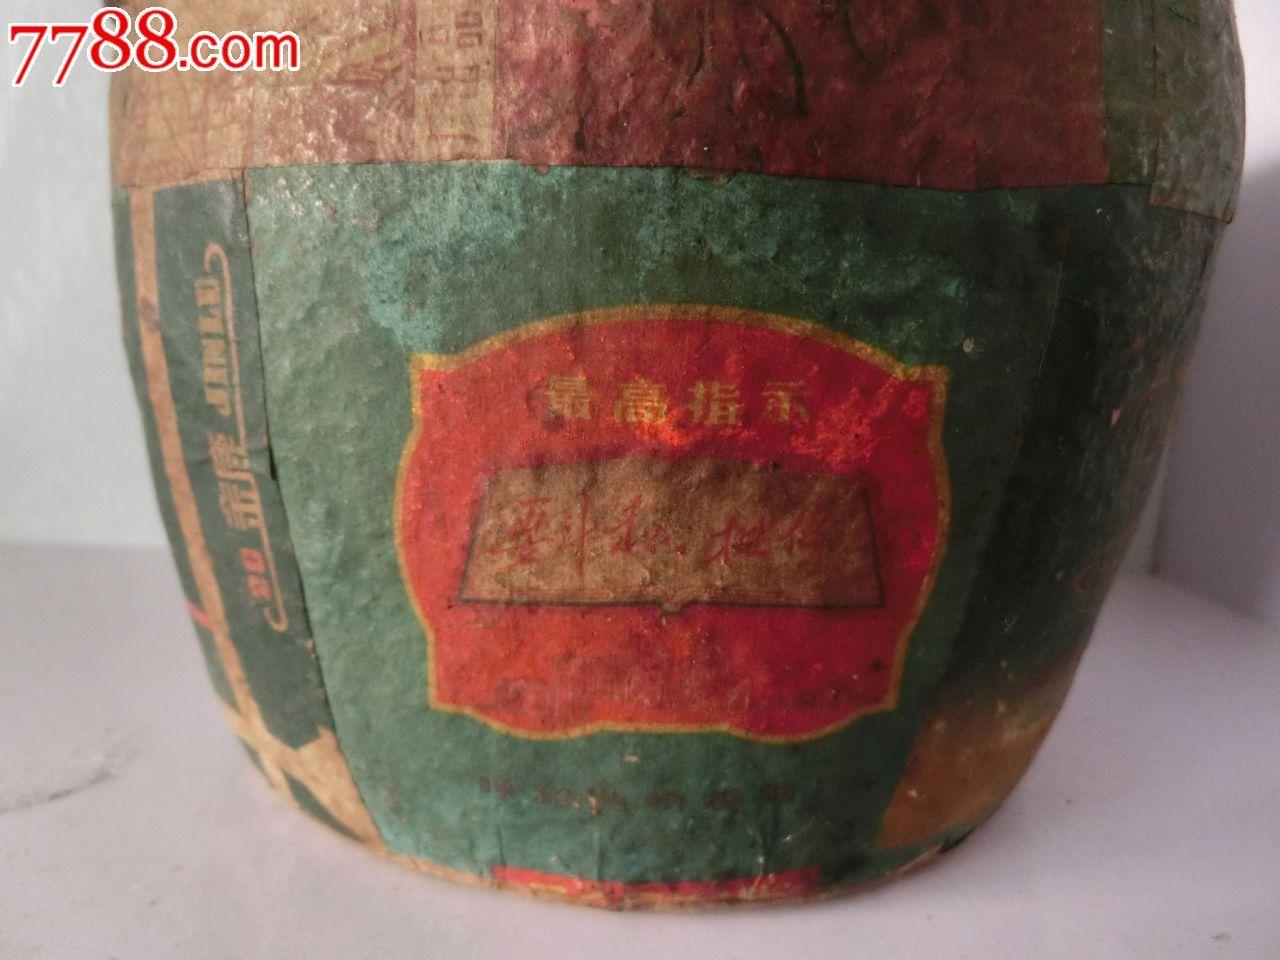 胶东民俗真品民间艺人手工制作小纸缸烟盒表面完整一流包浆包老